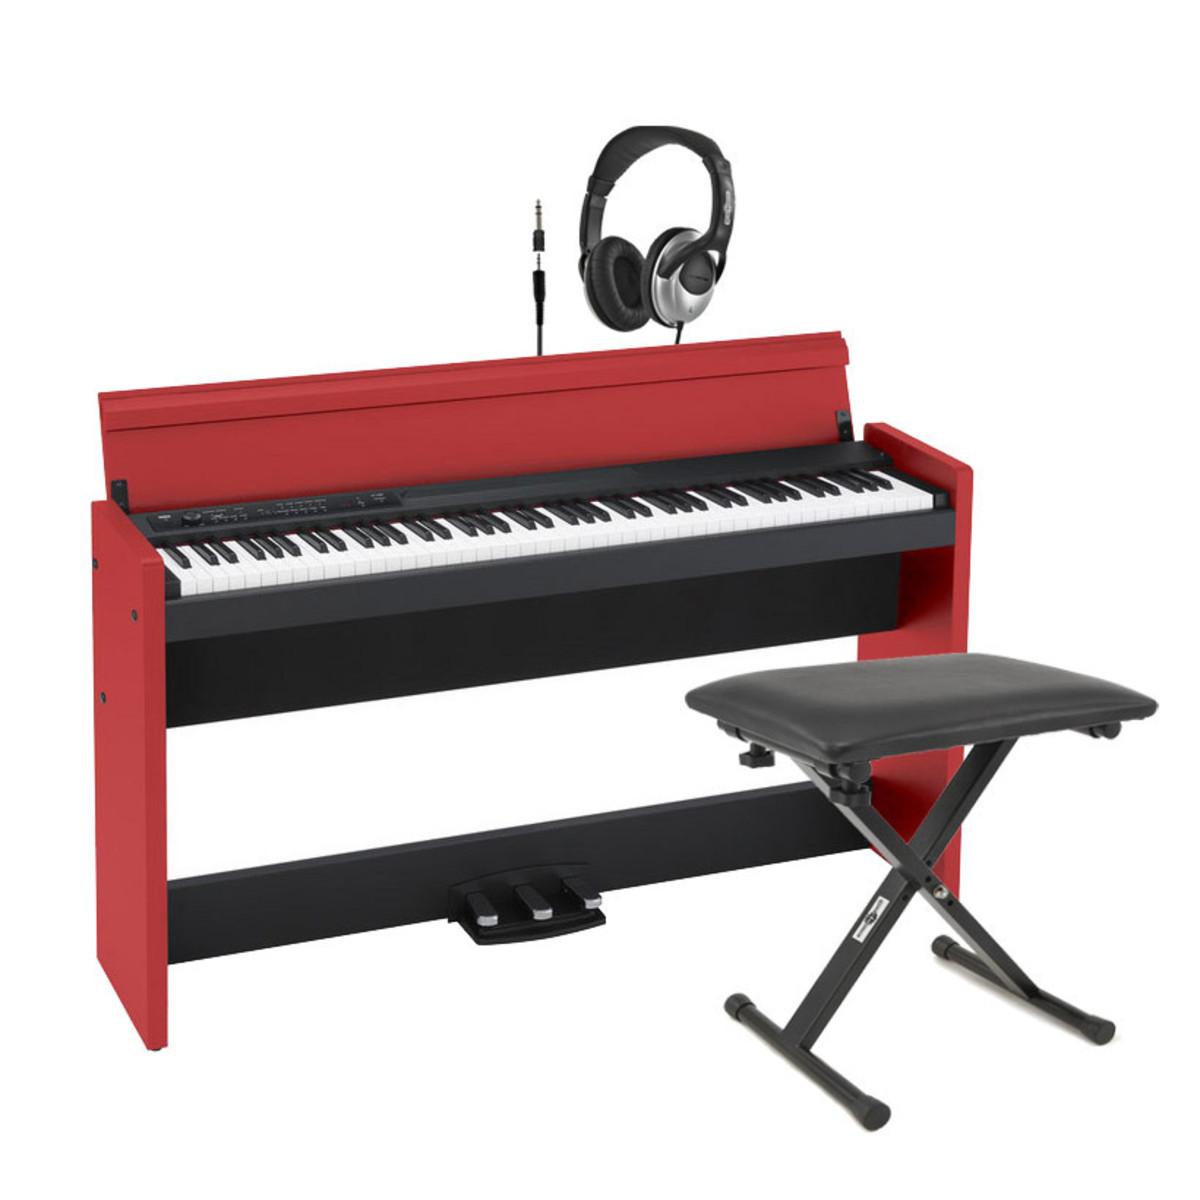 korg lp 380 piano num rique 88 touches noir rouge casque banc gratuits gear4music. Black Bedroom Furniture Sets. Home Design Ideas